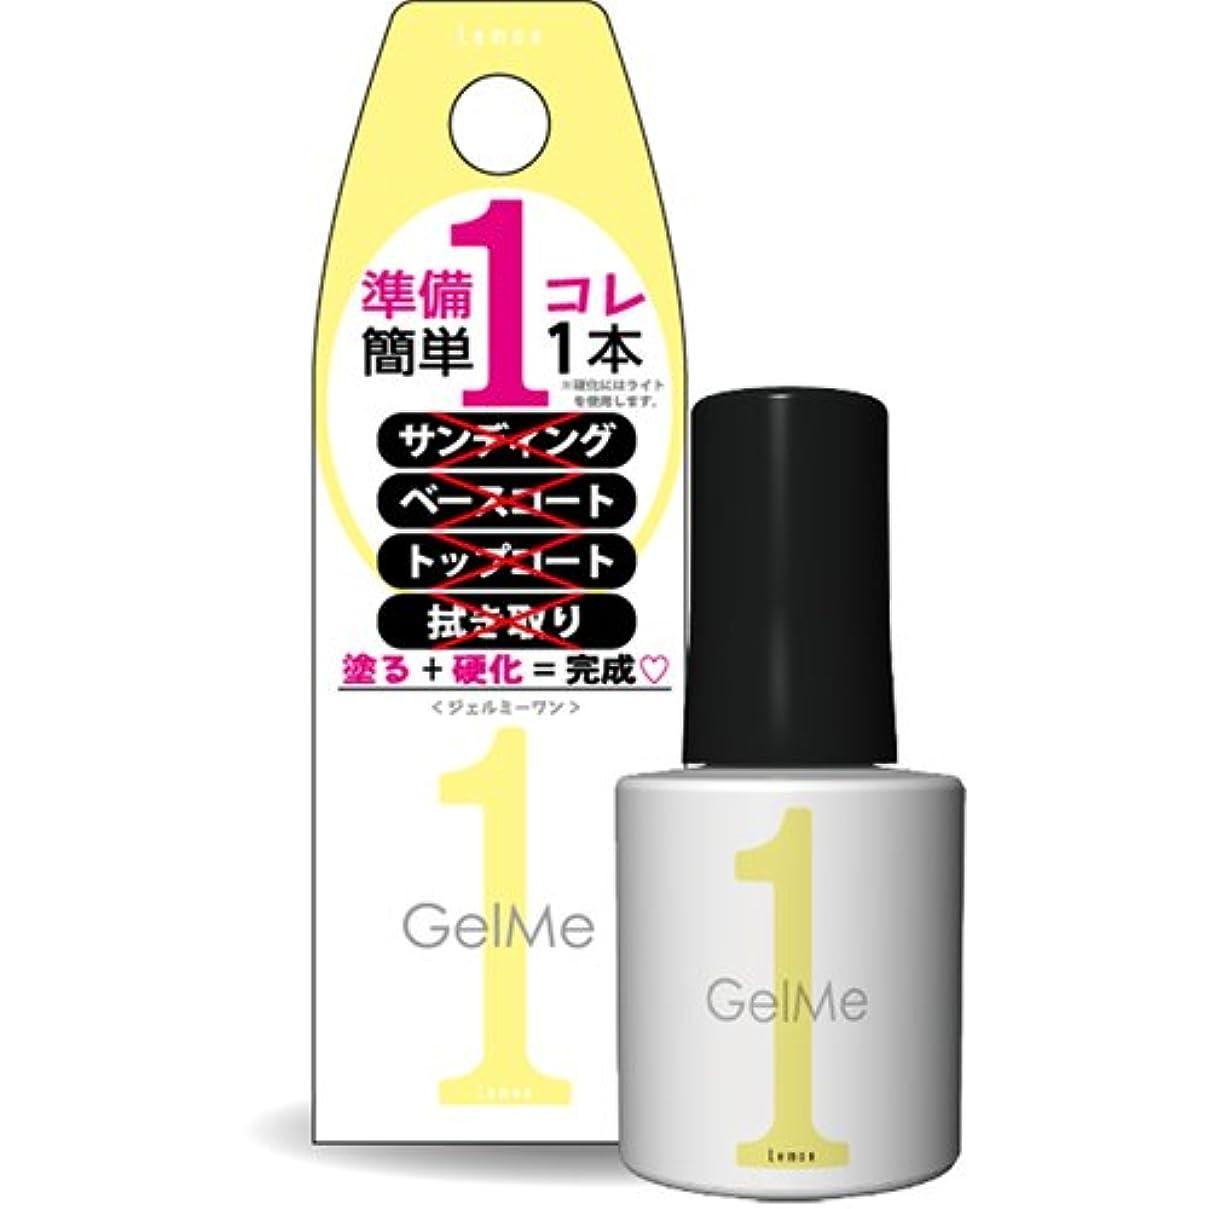 セーブトン運ぶジェルミーワン(Gel Me 1) 37 レモン